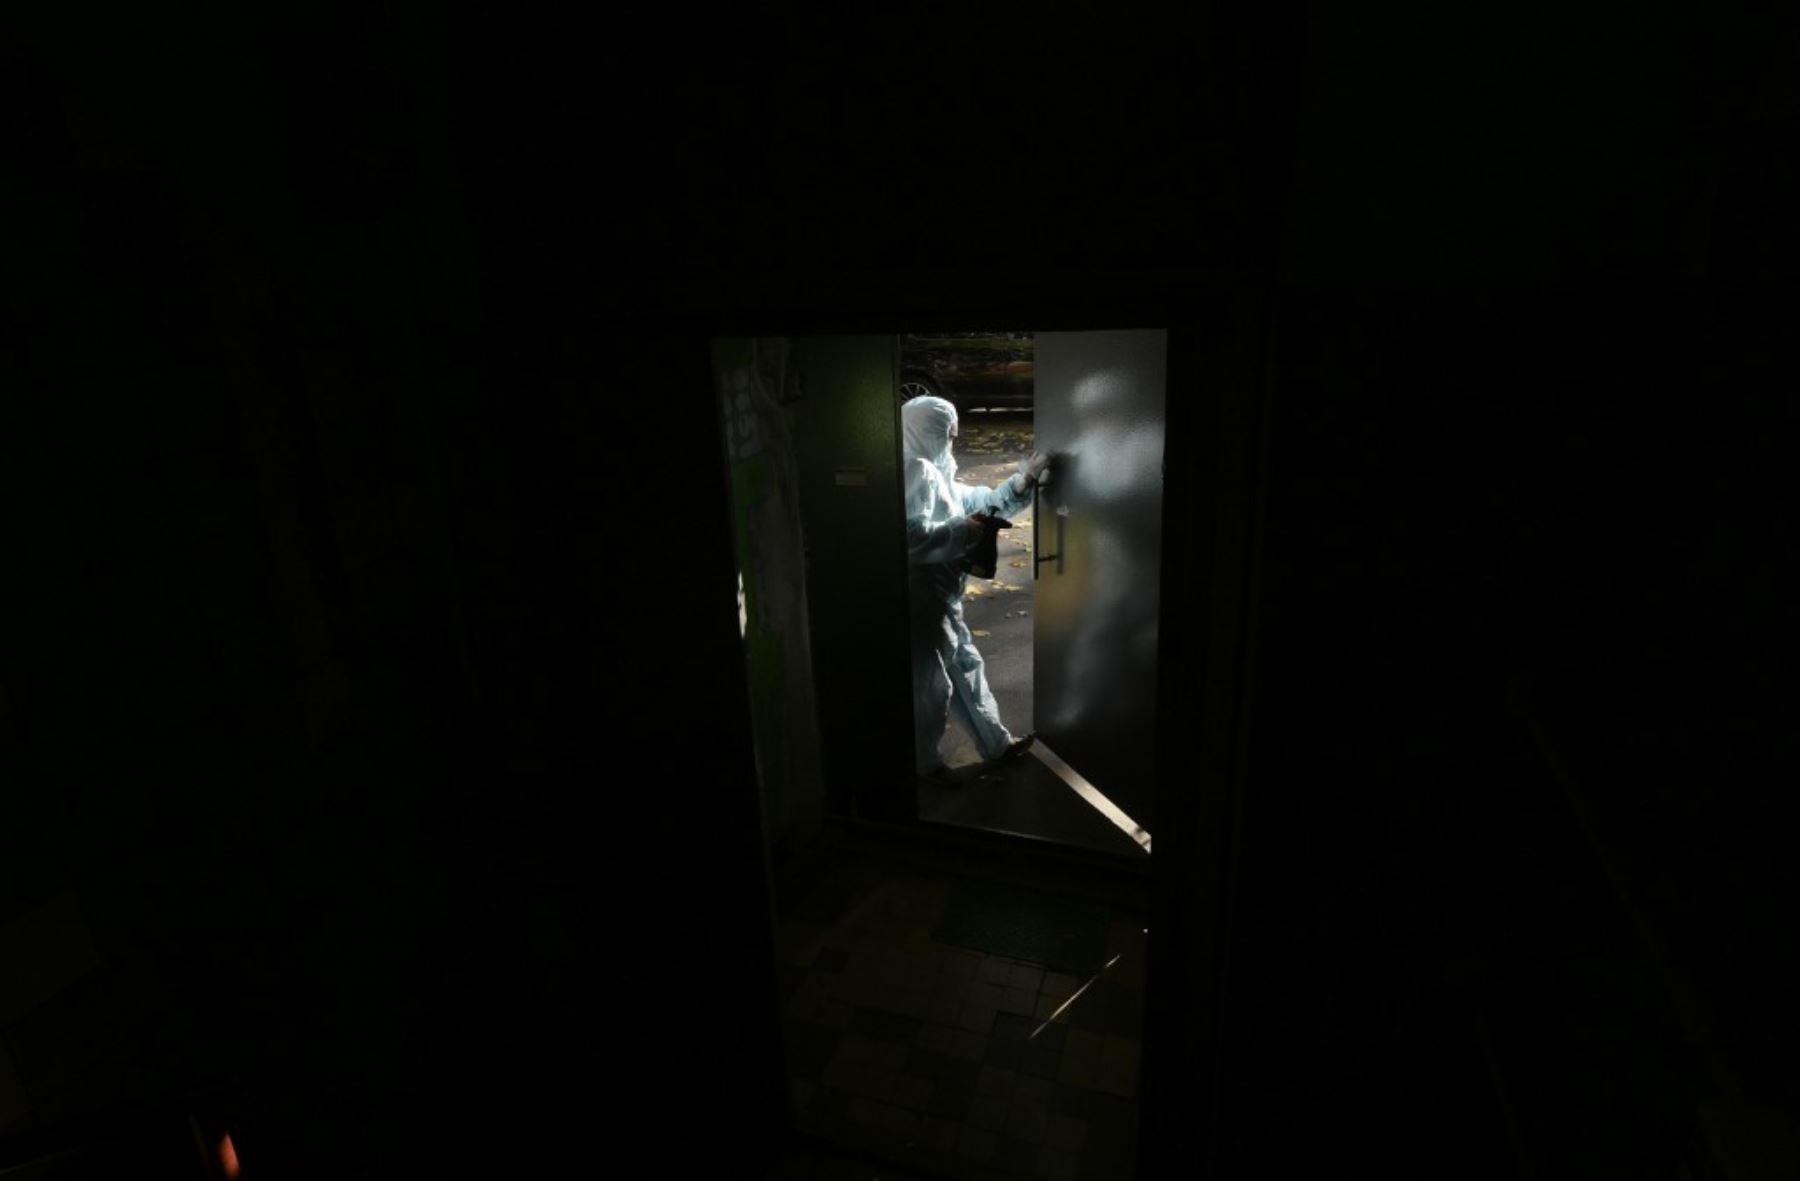 Un trabajador comunal con equipo de protección personal (EPP) rocía desinfectante en la puerta de un edificio residencial en Moscú. Foto: AFP